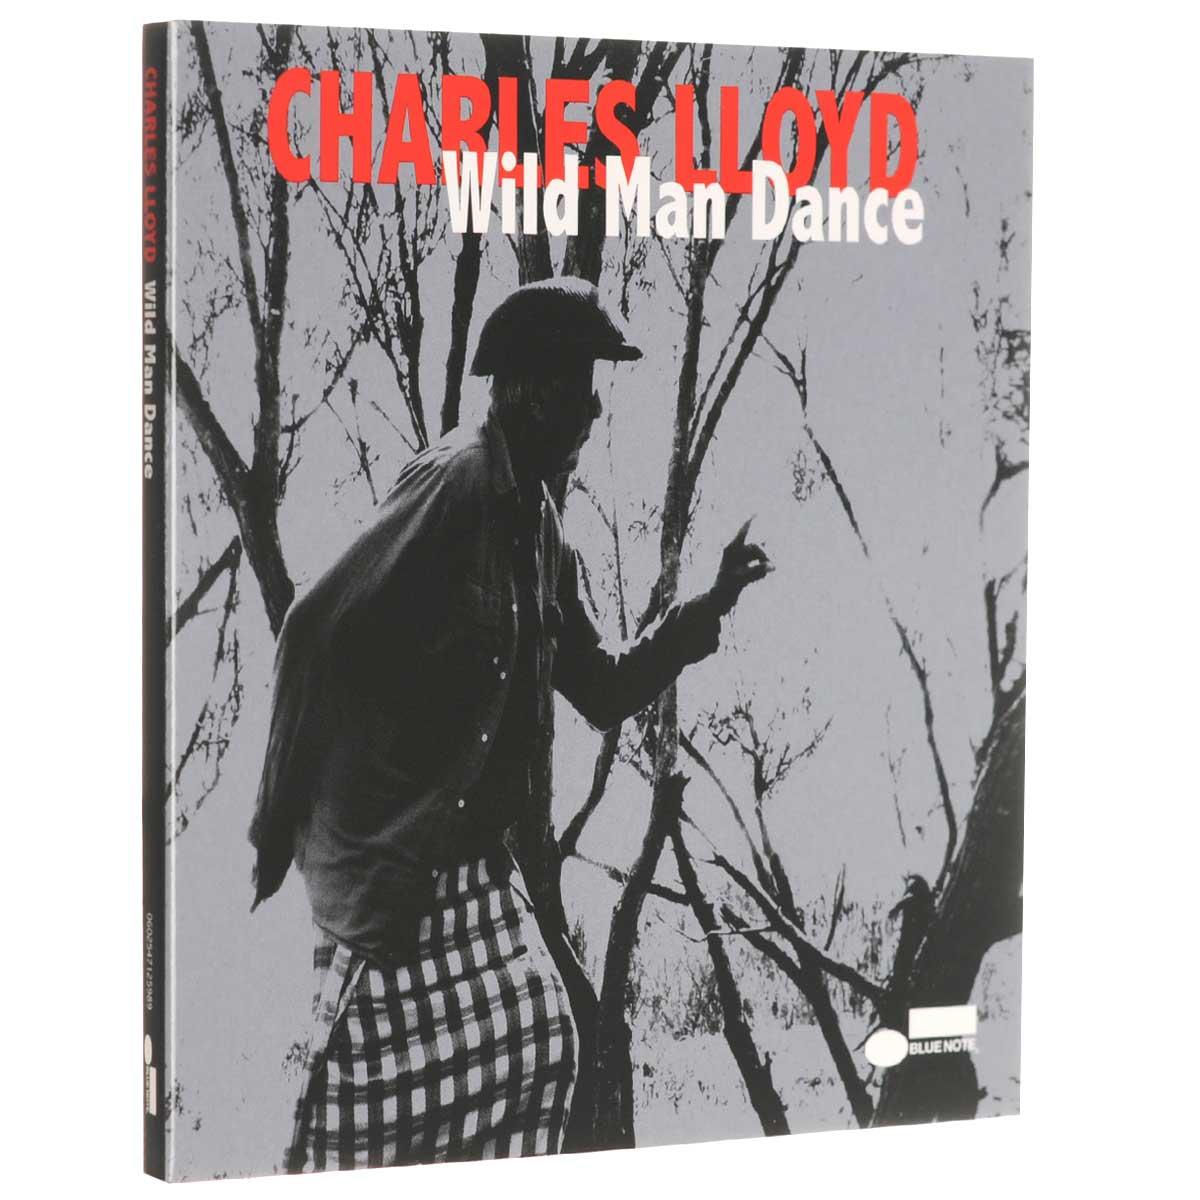 Чарльз Ллойд Charles Lloyd. Wild Man Dance